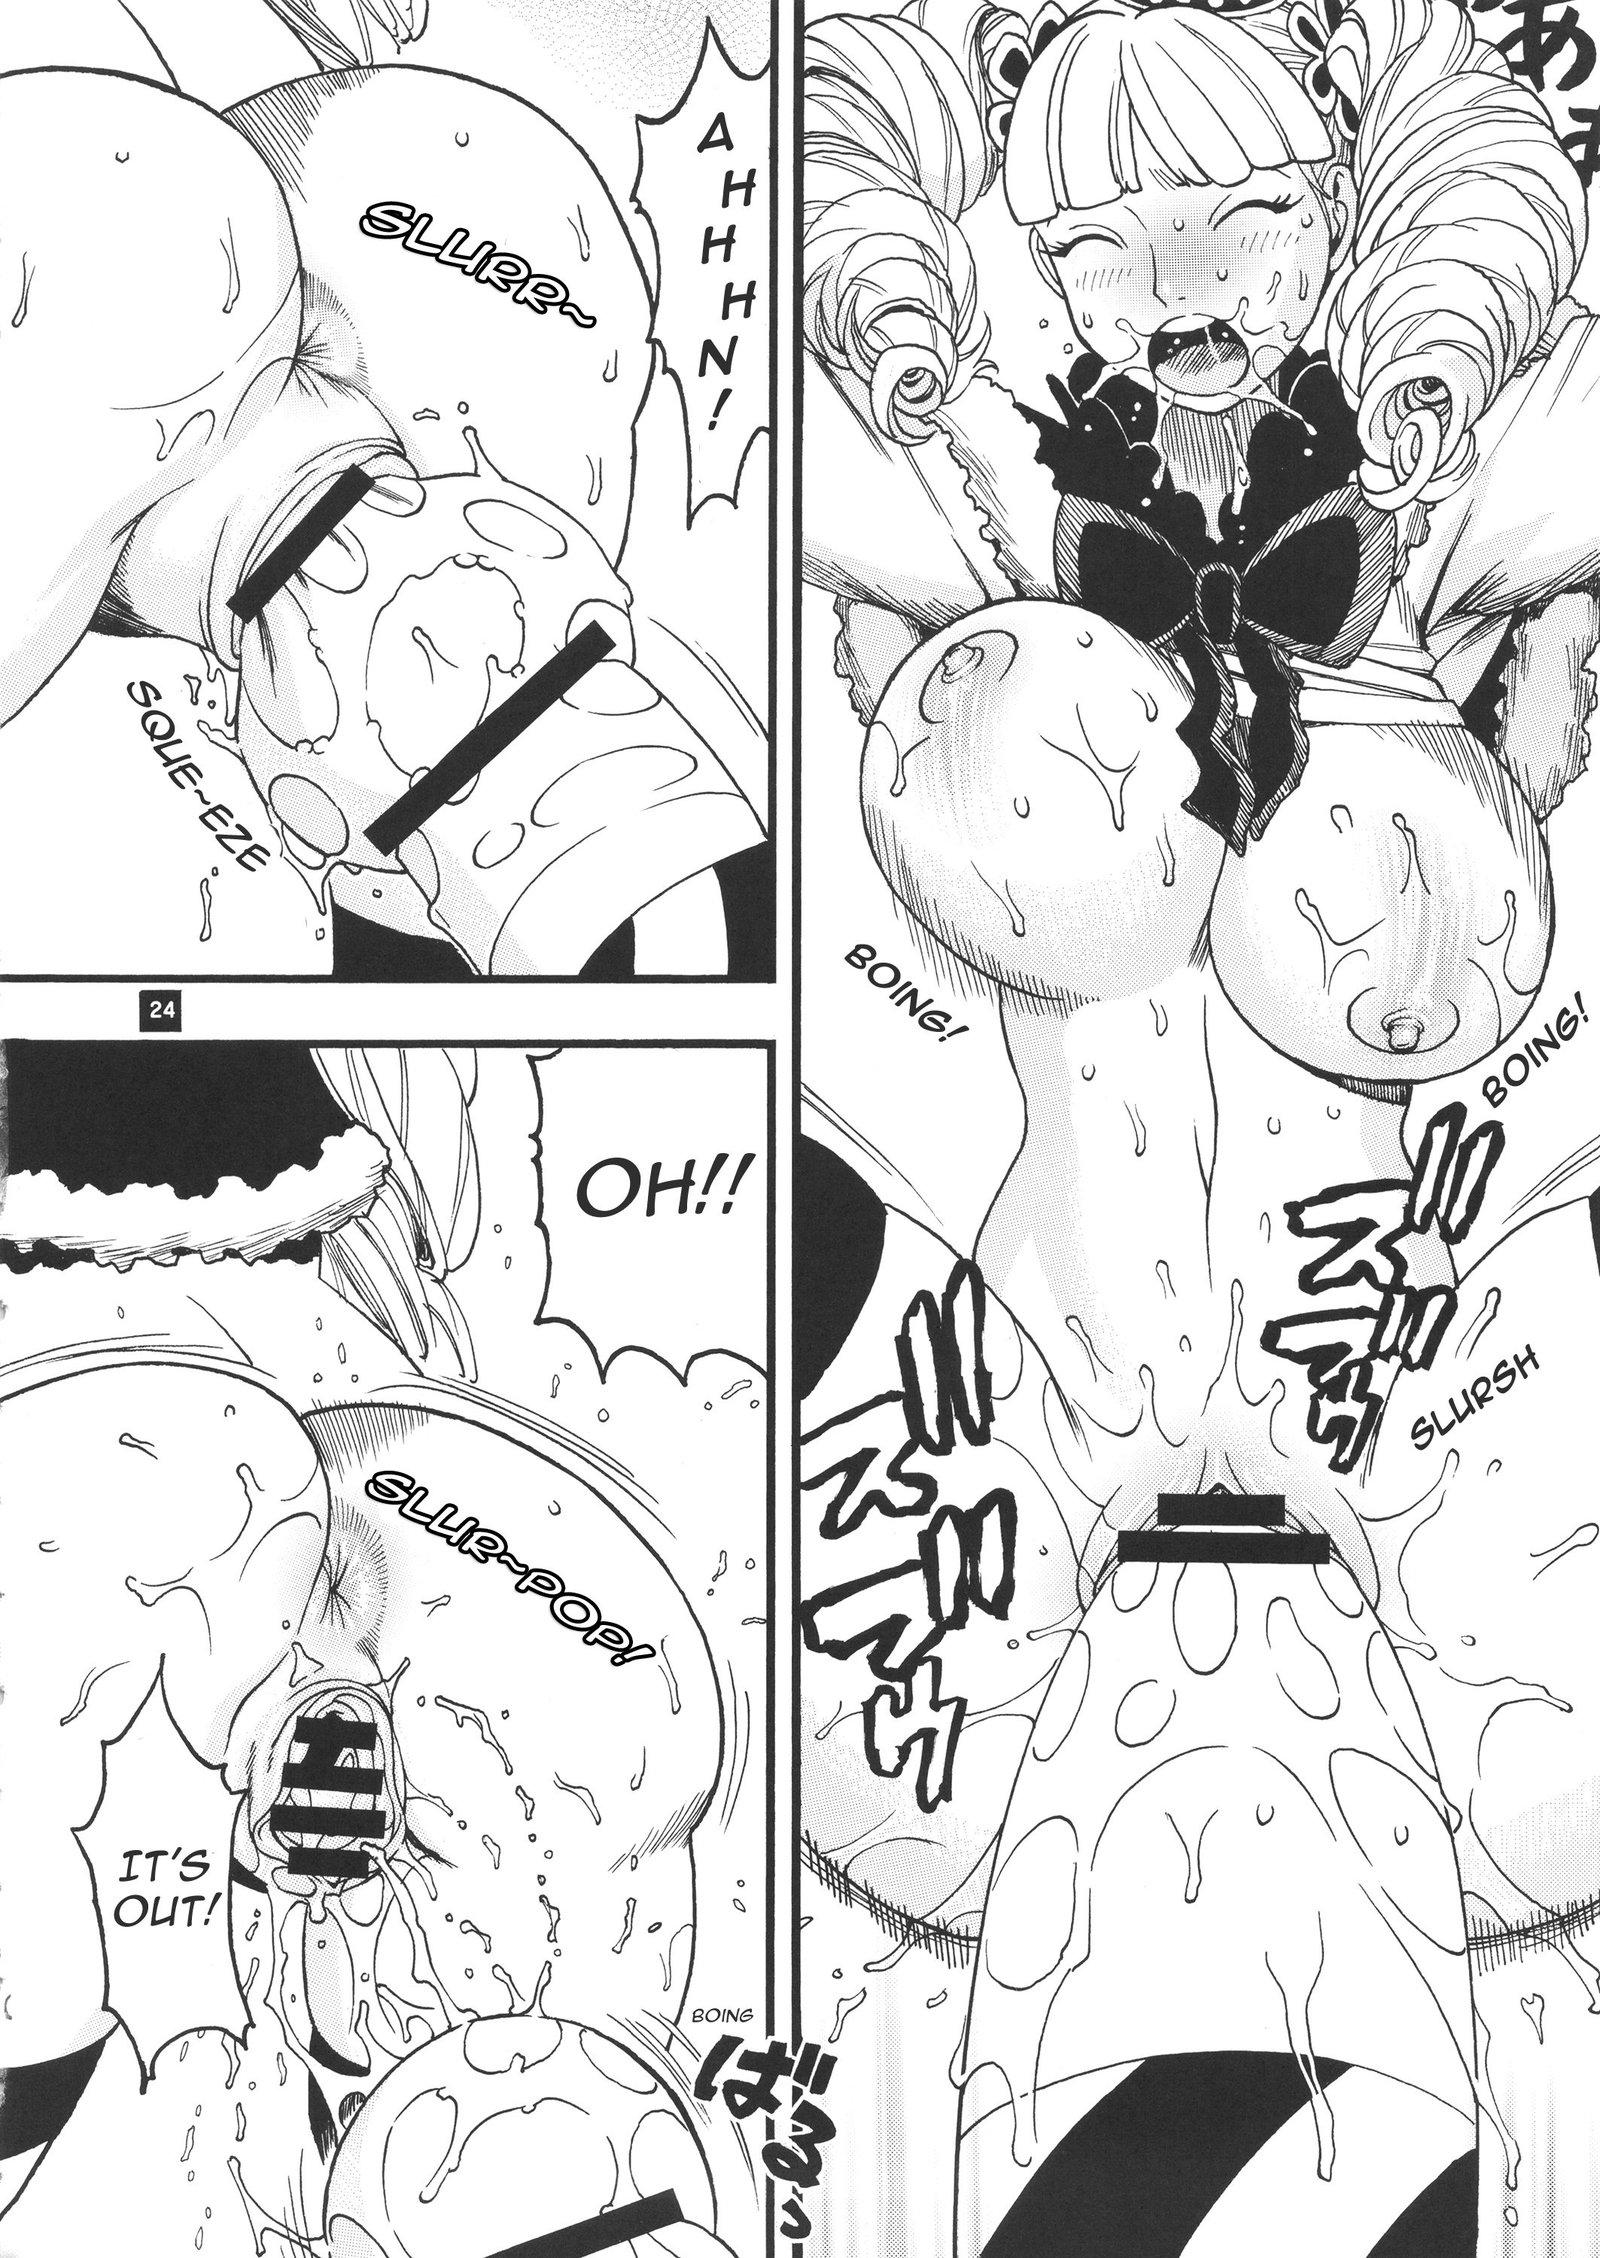 Apologise, english one piece dojin hentai pity, that